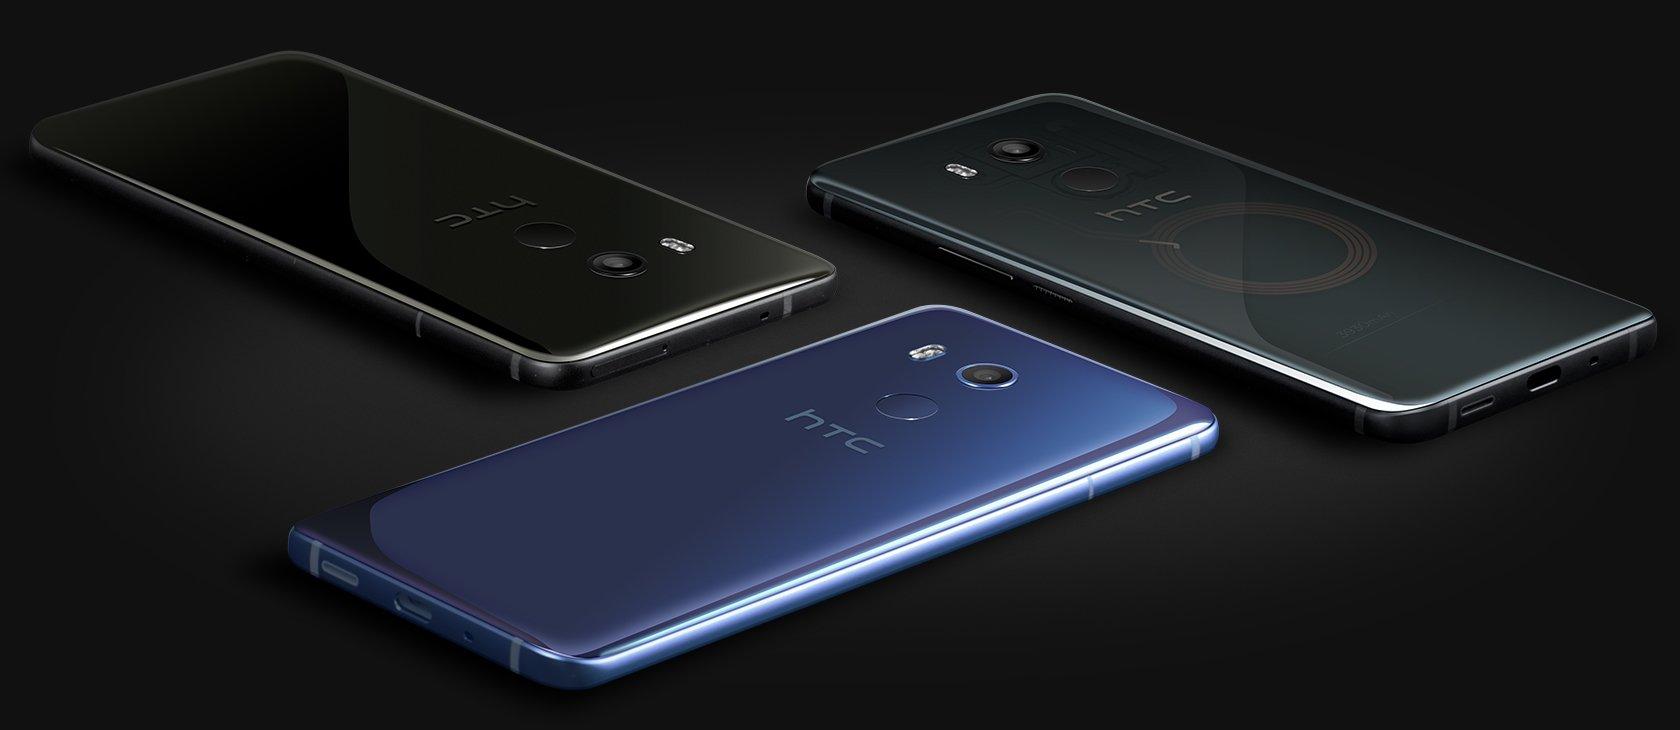 Najnowsza reklama HTC U11+ wzbudza skrajne emocje - mega wtopa czy szczerość ponad wszystko? 29